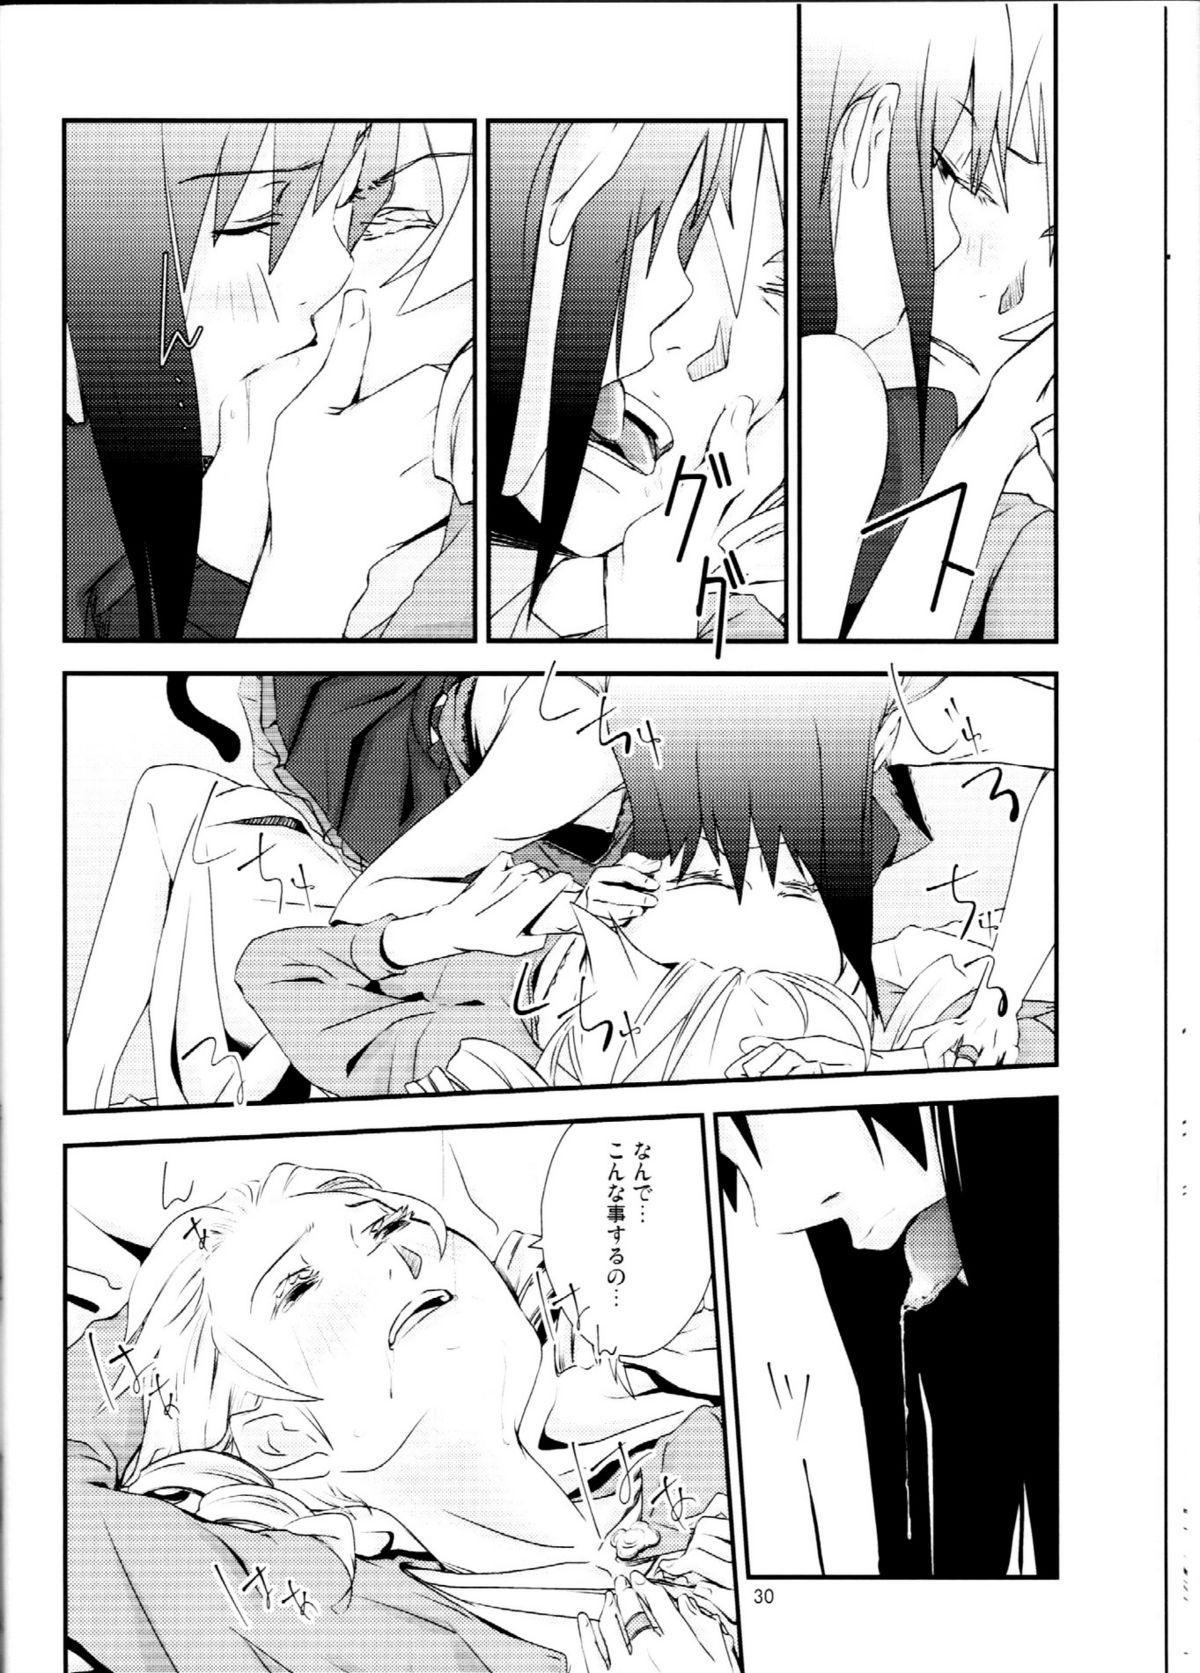 Kuroneko to Shoujo 28